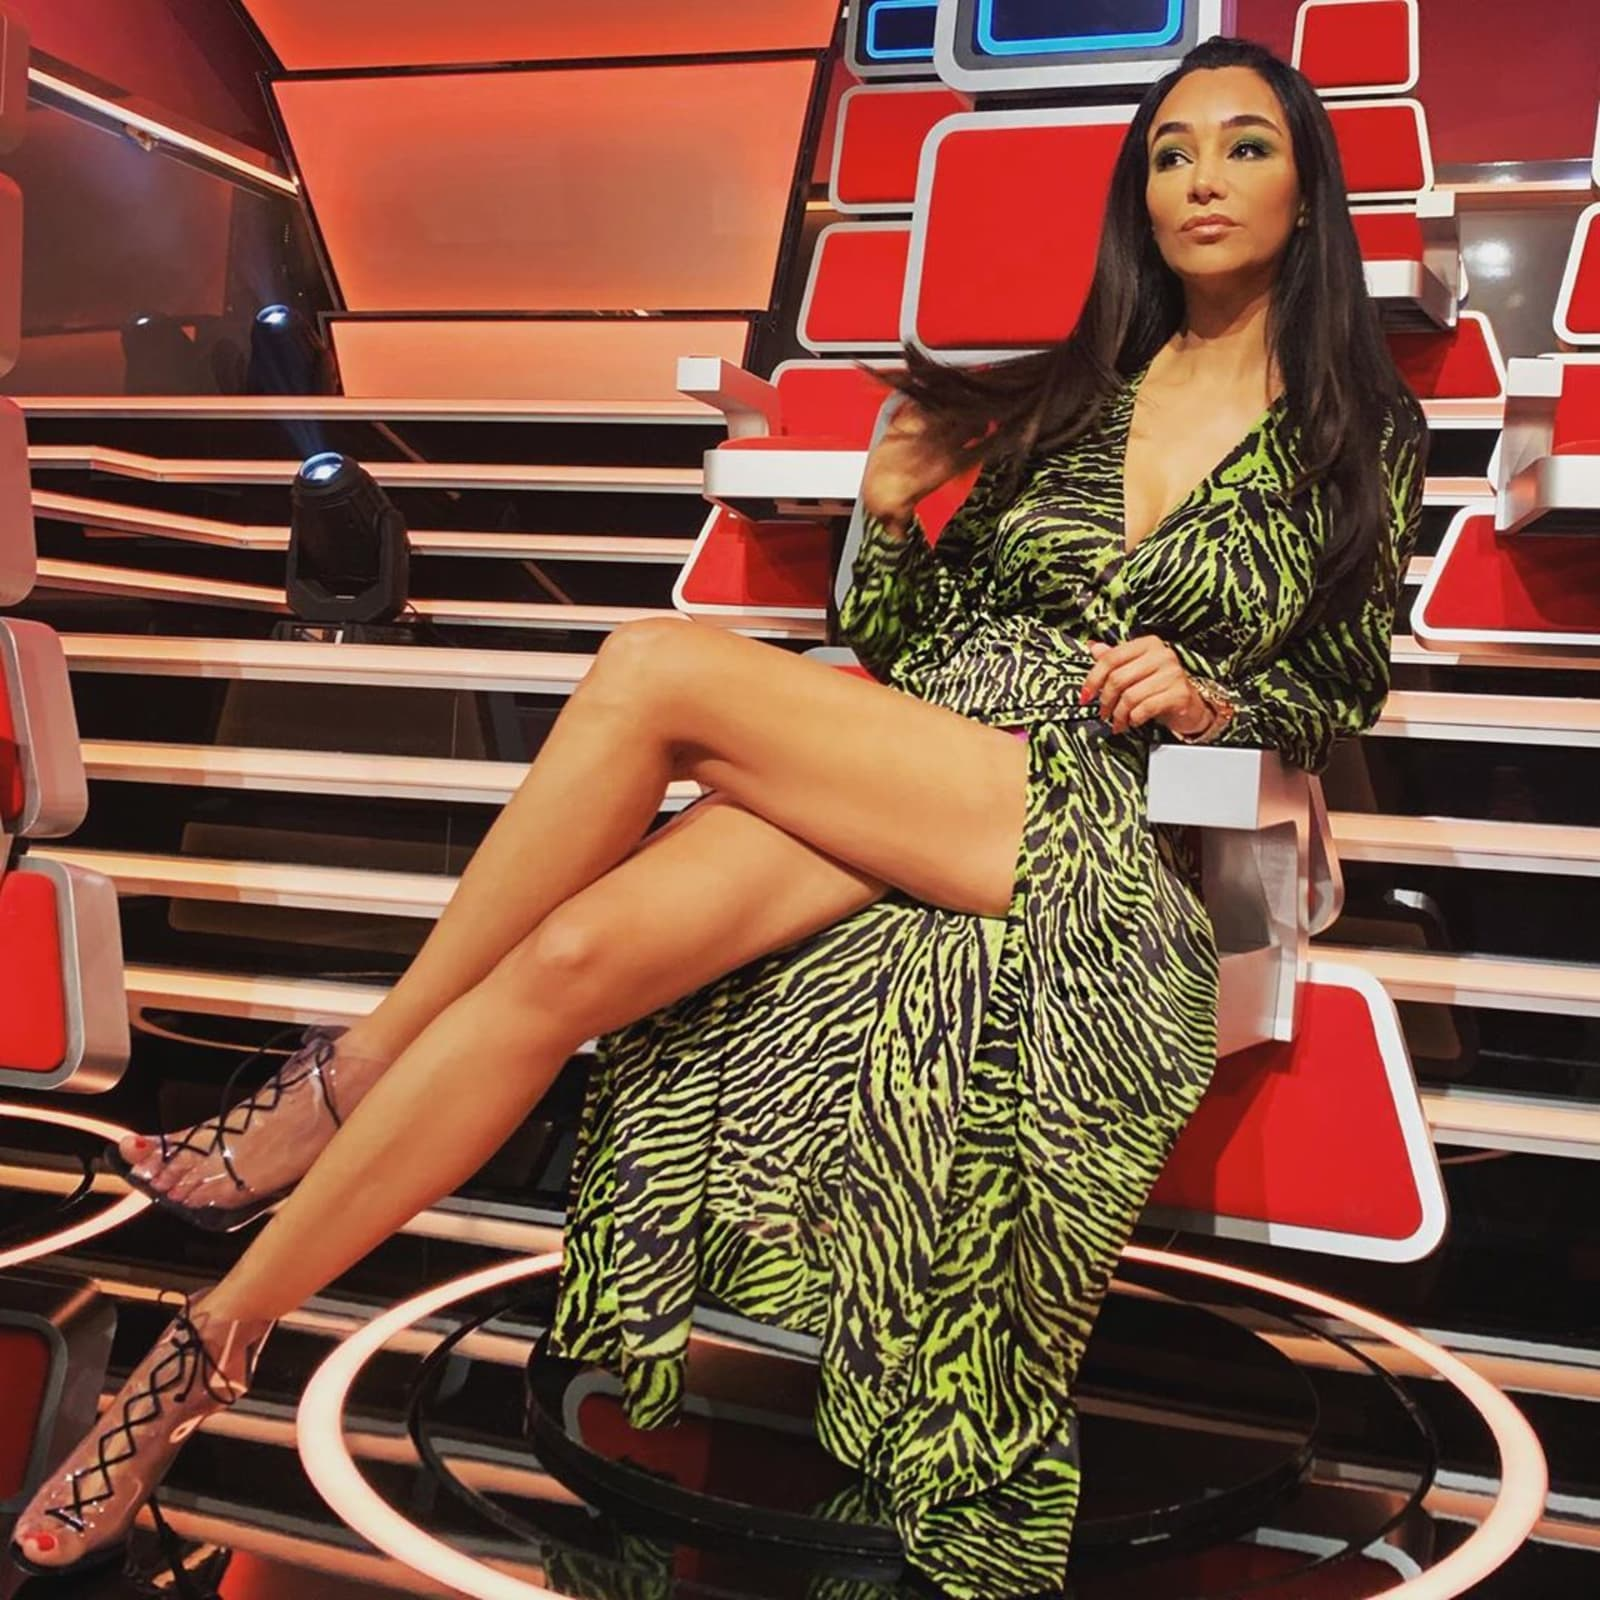 Verona Pooth: Bei diesen endlos langen Beinen werden ihre Fans schwach